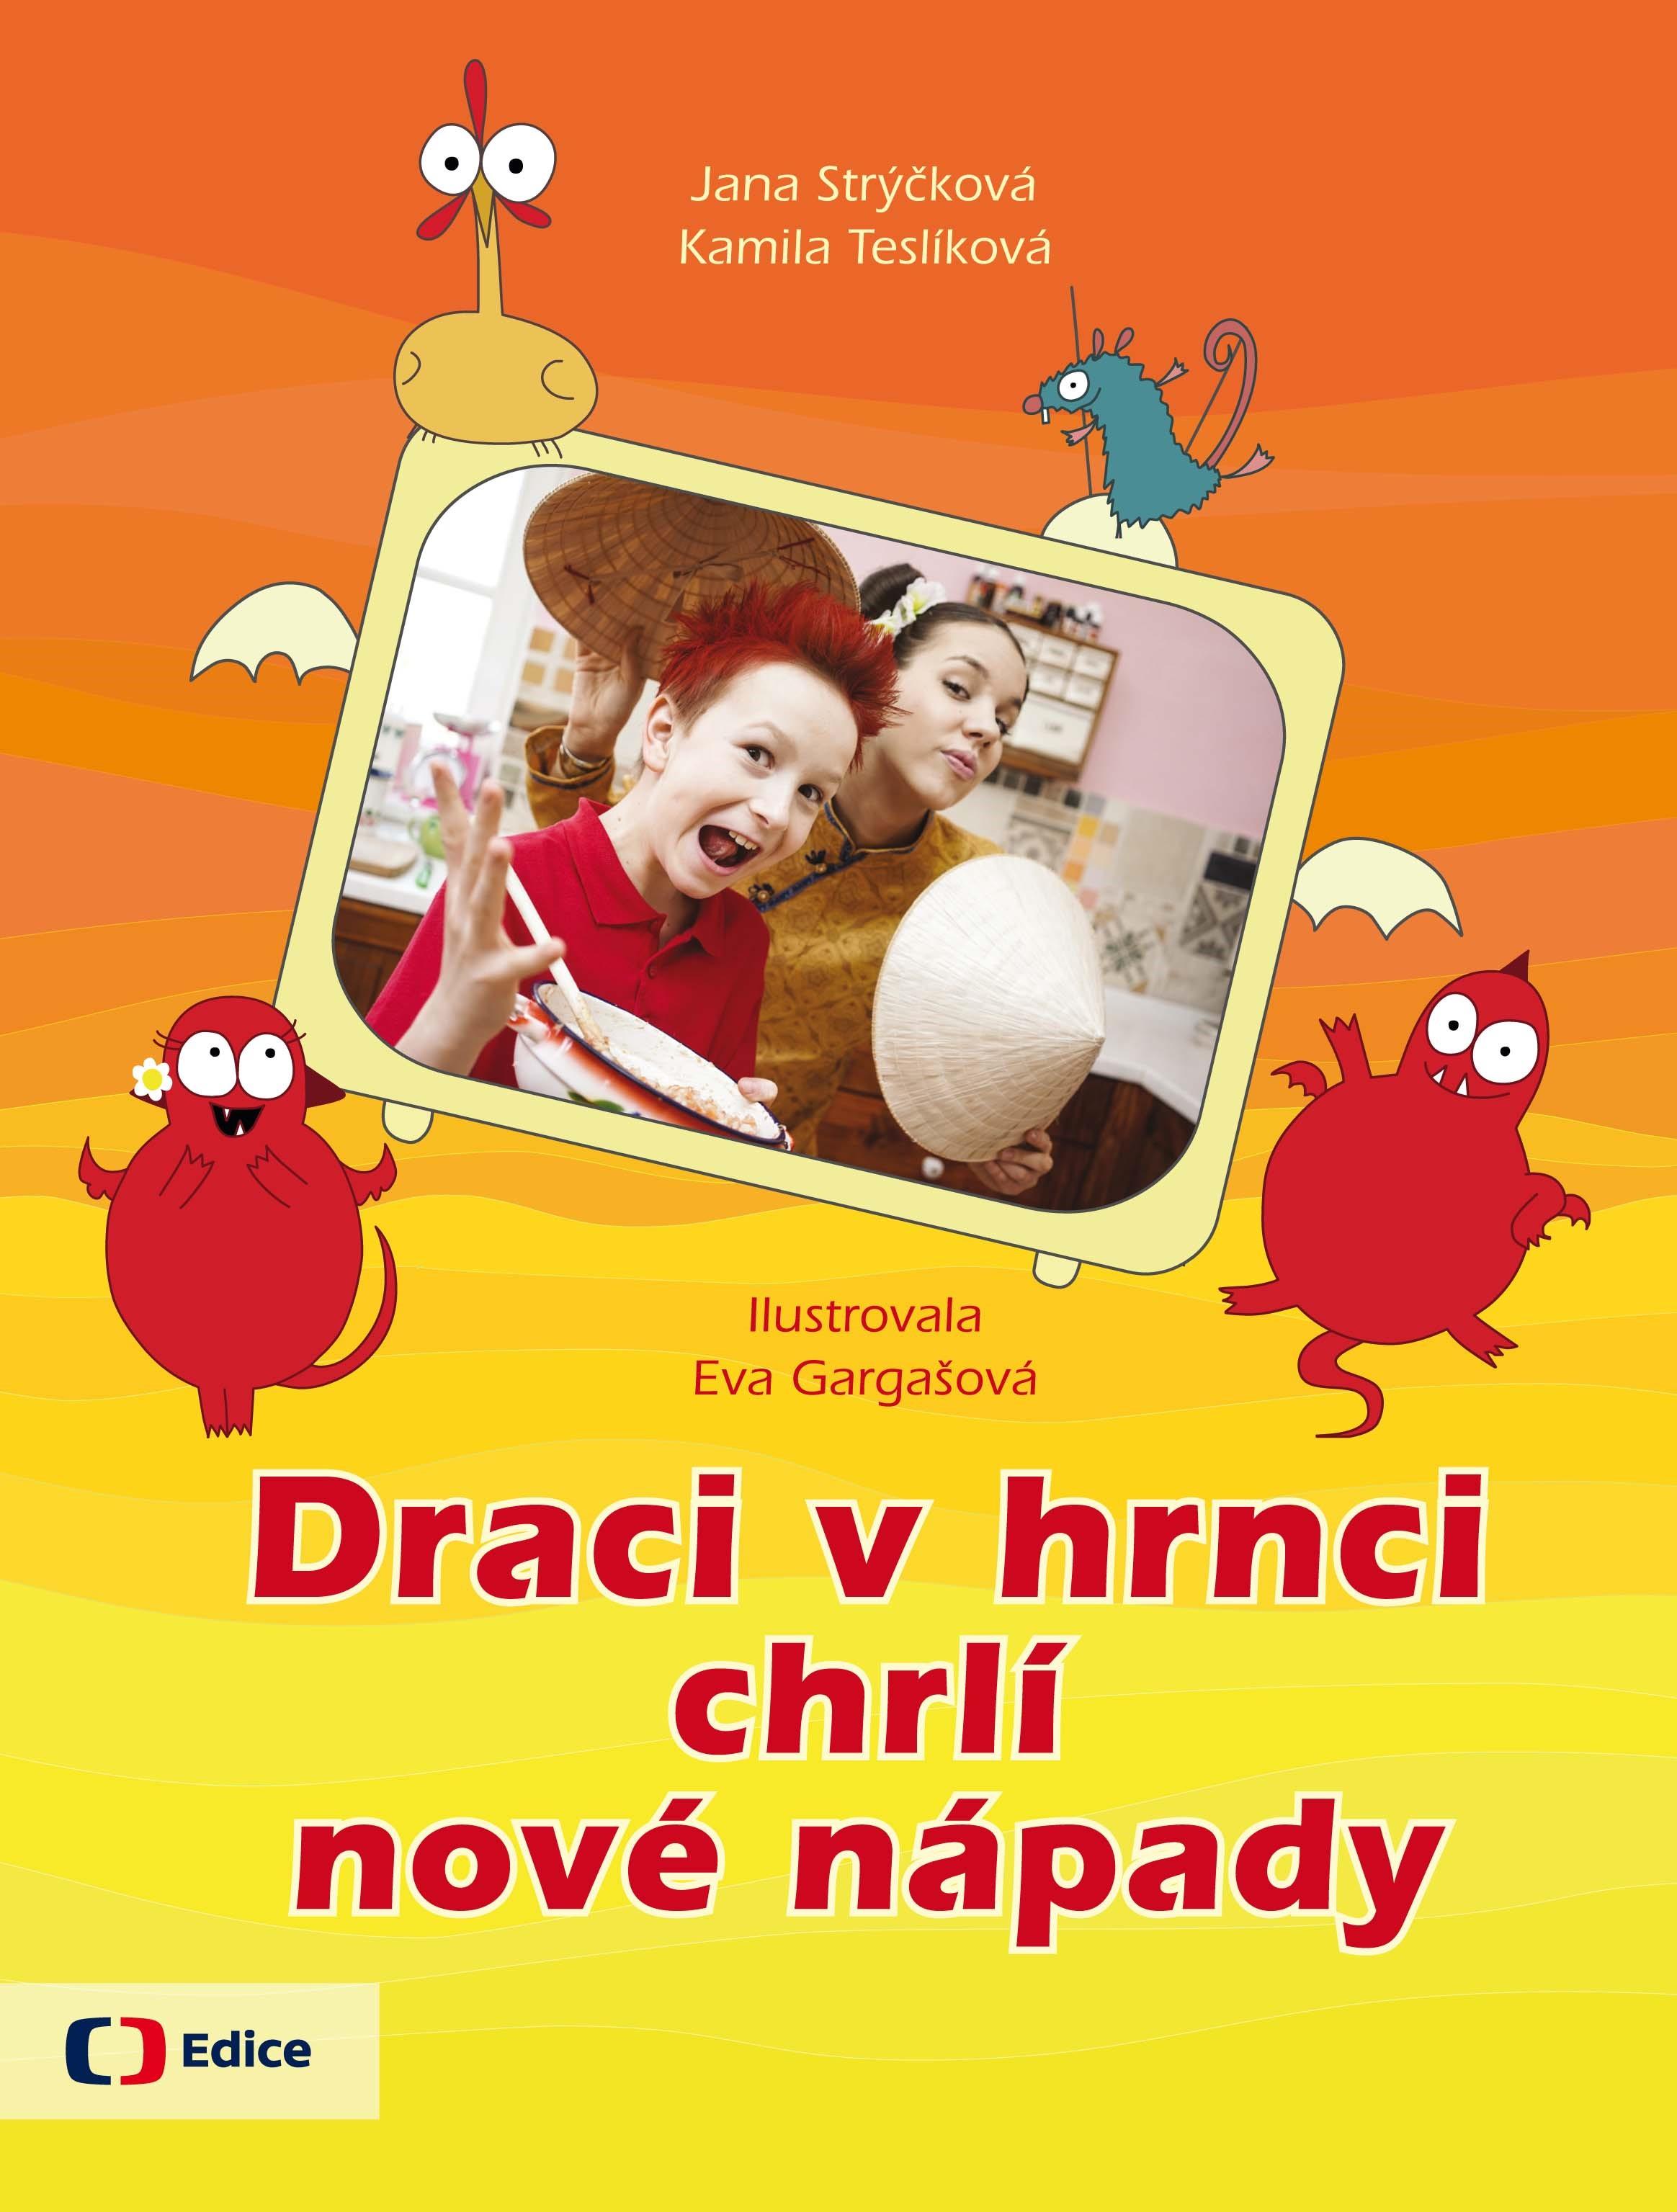 Draci v hrnci chrlí nové nápady | Kamila Teslíková, Jana Strýčková